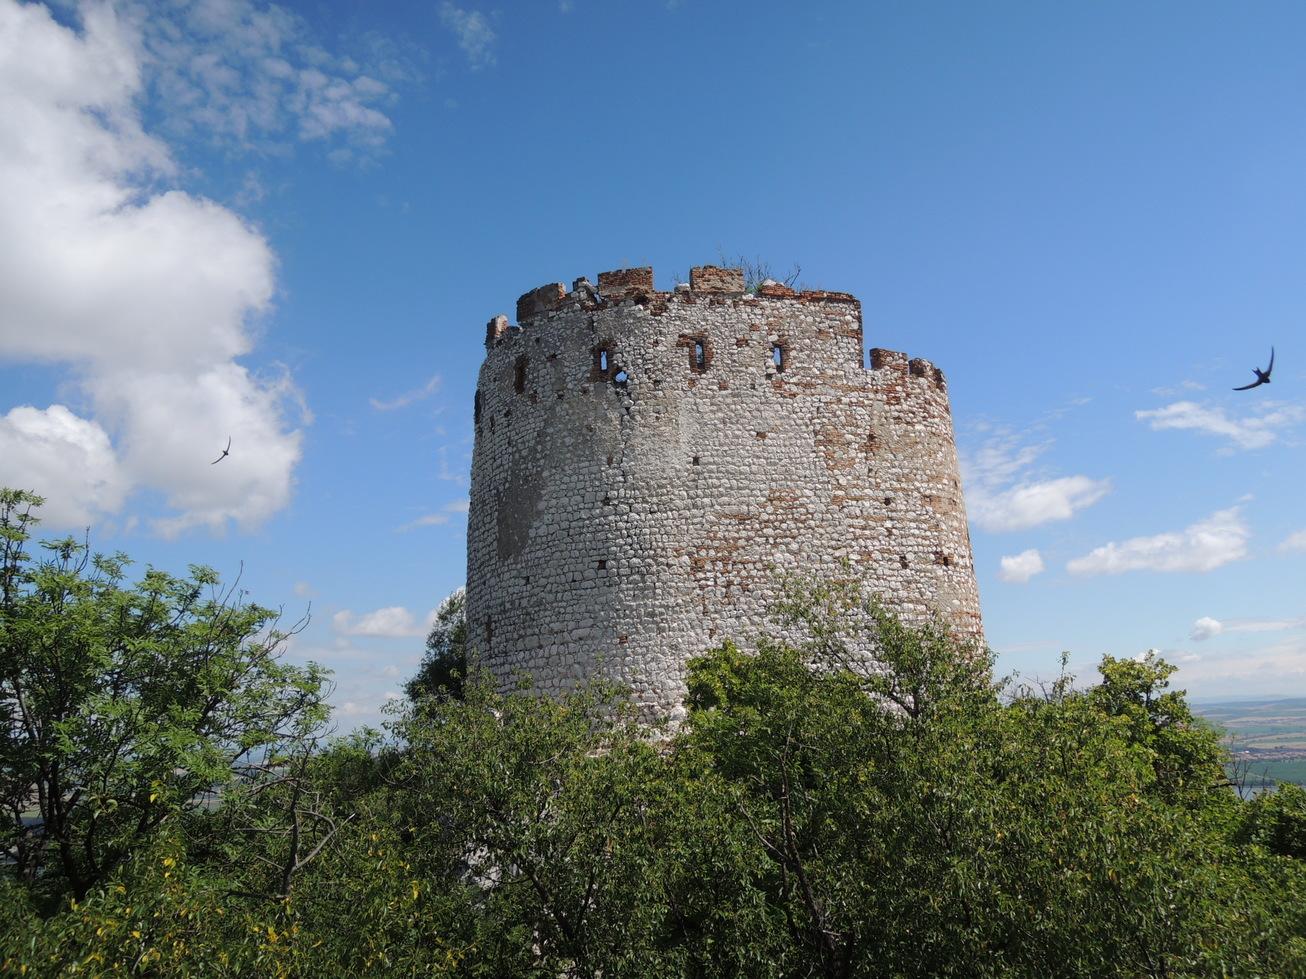 Dívčí hrad (Děvičky)